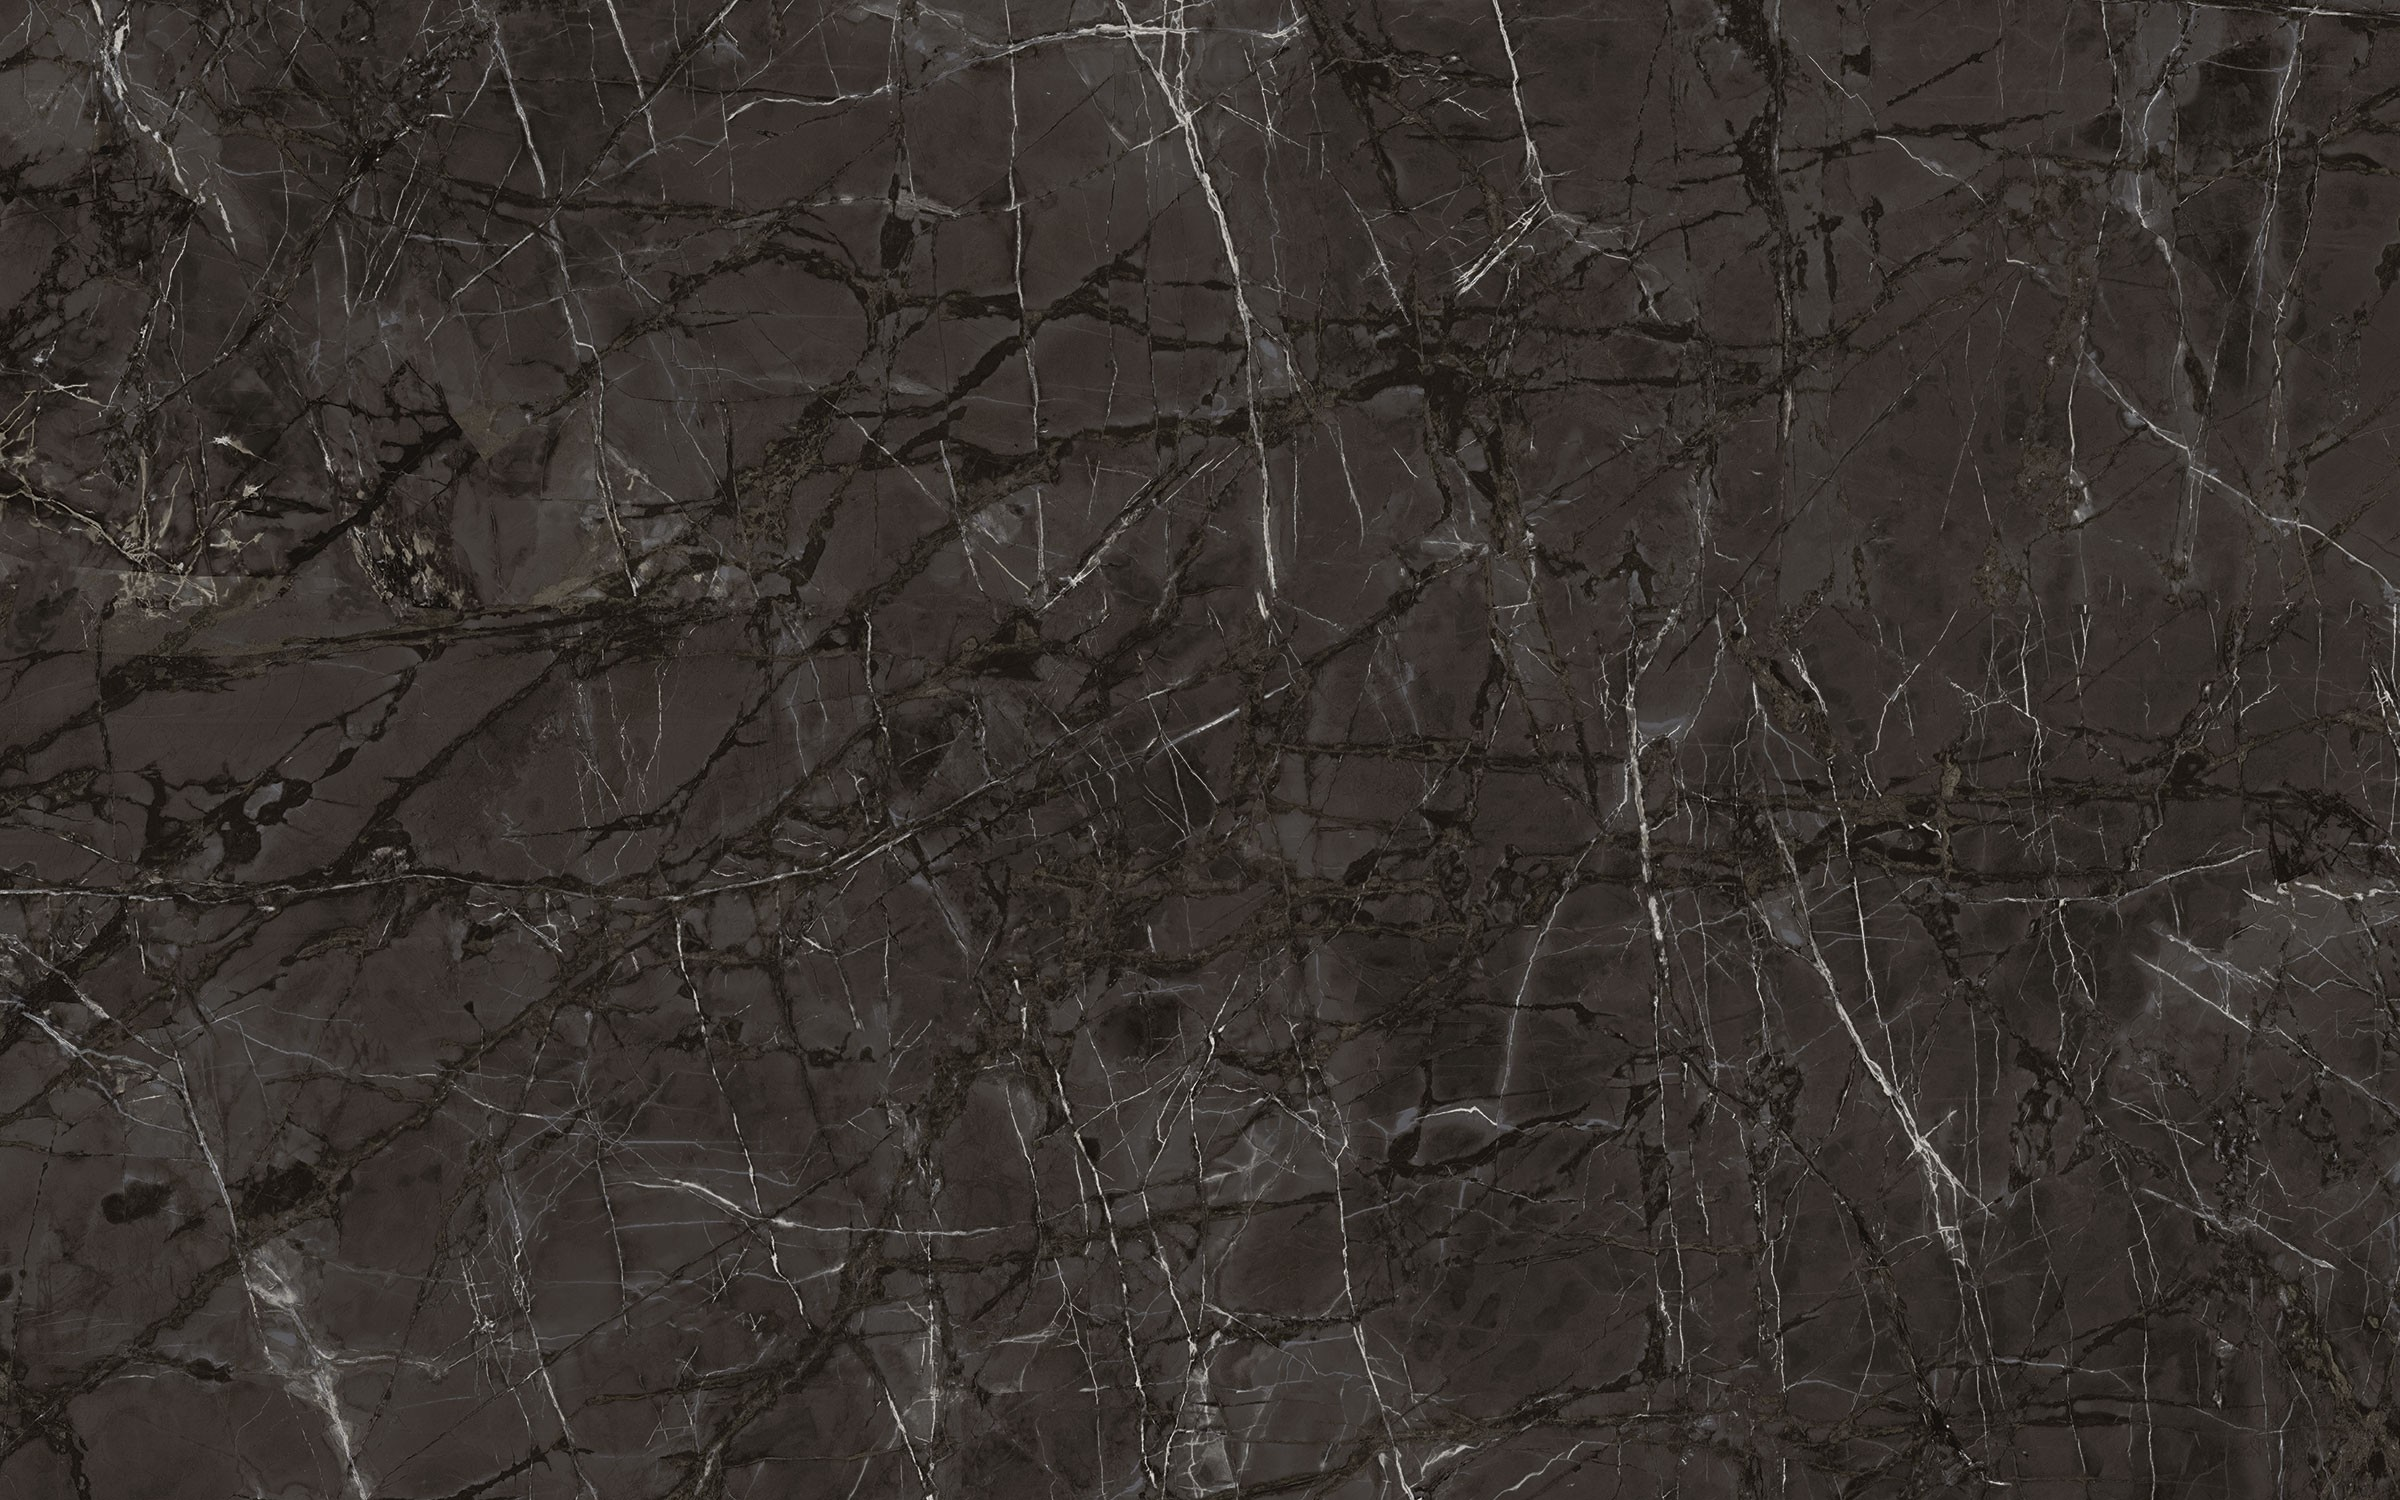 5006k Cote D Azur Noir Laminate Countertops